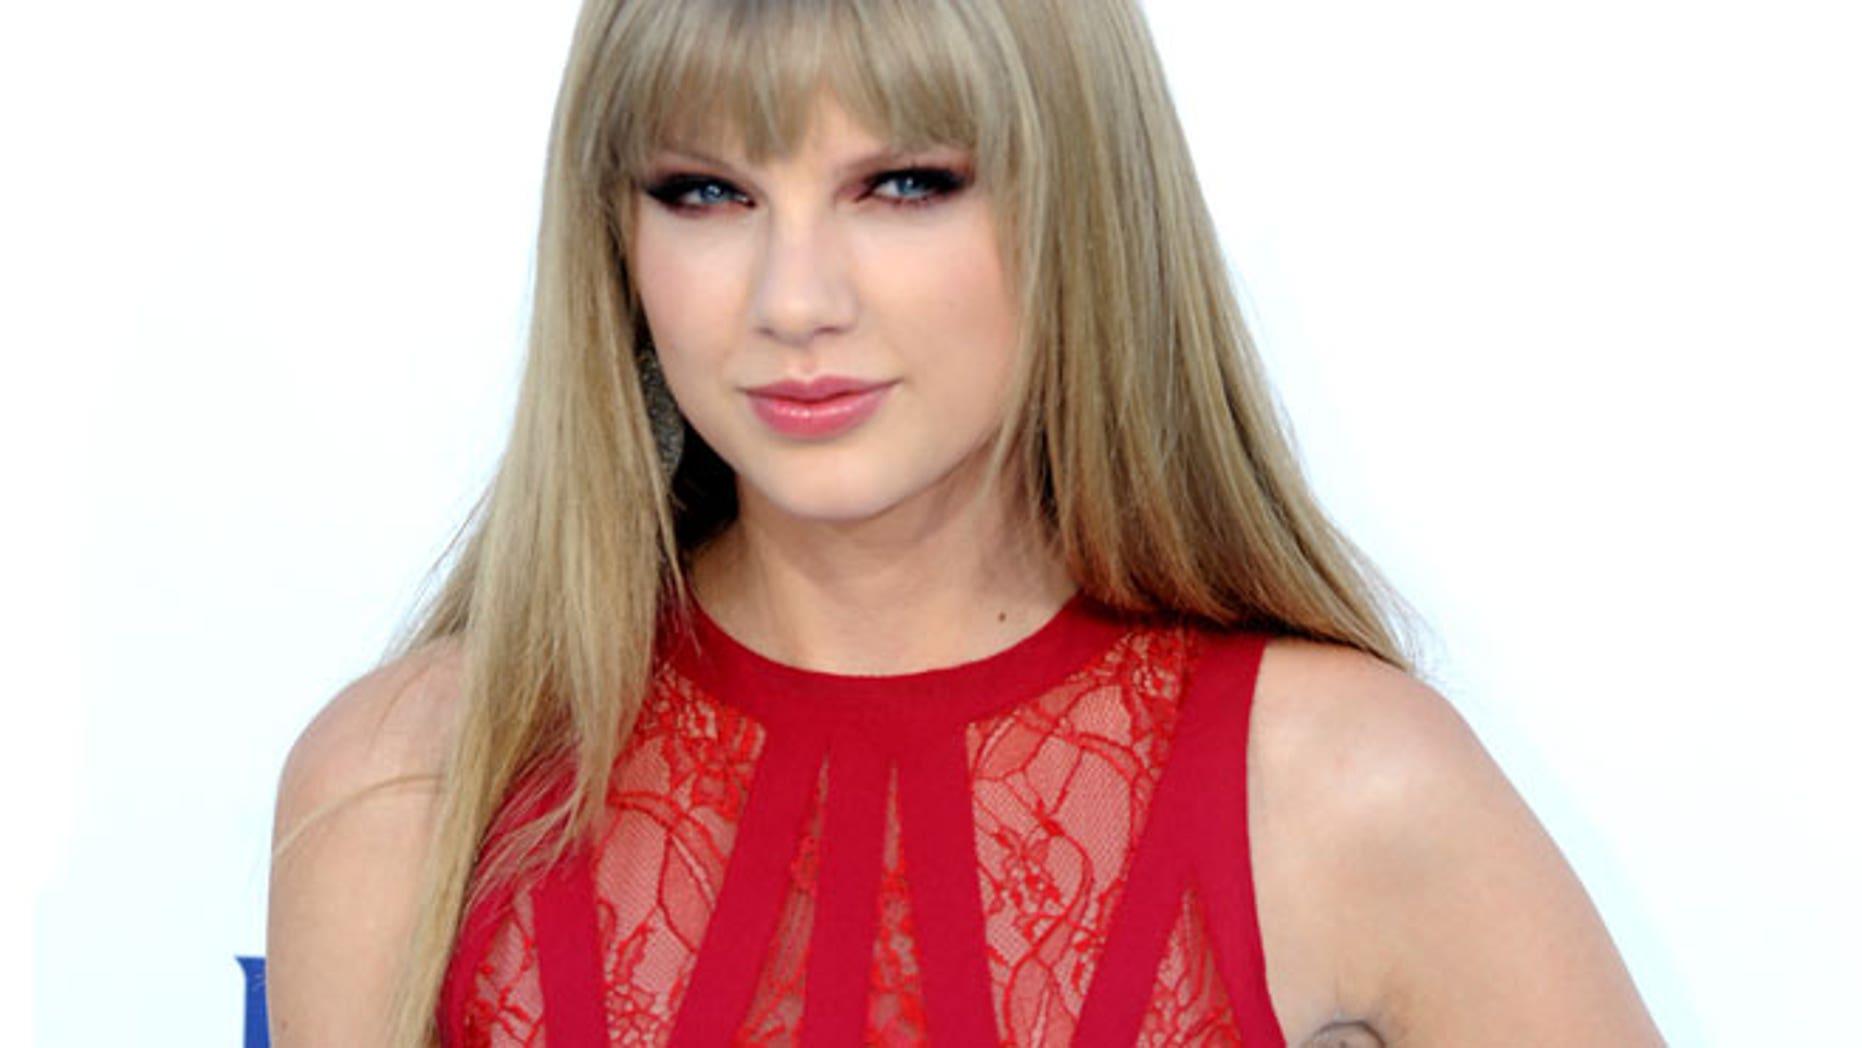 May 20: Taylor Swift at the Billboard Music Awards.